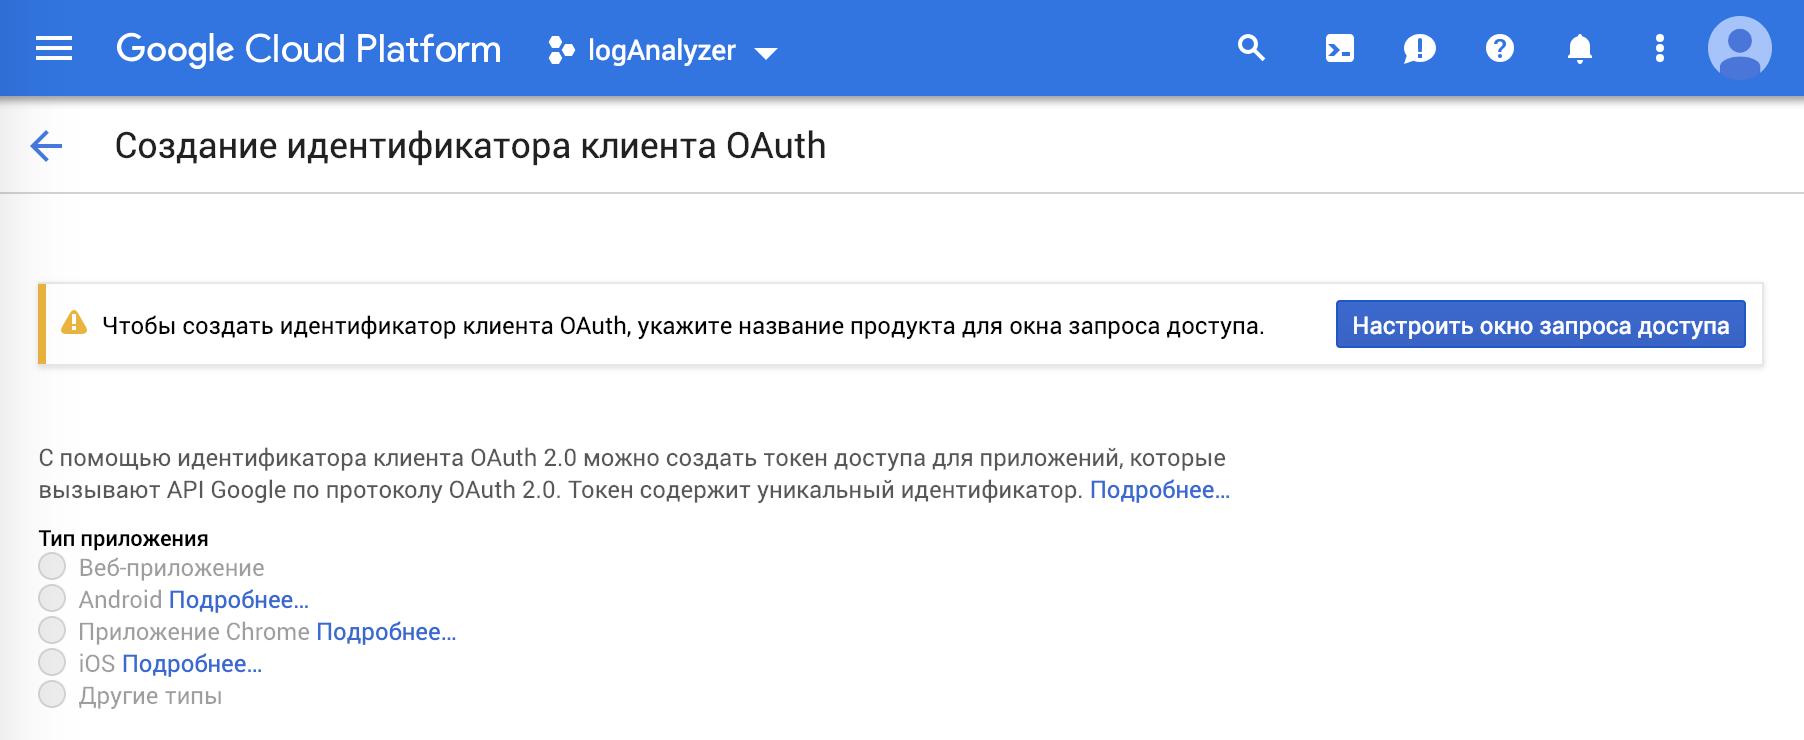 Универсальное расширение 1С для Google Таблиц и Документов — берите и пользуйтесь - 3